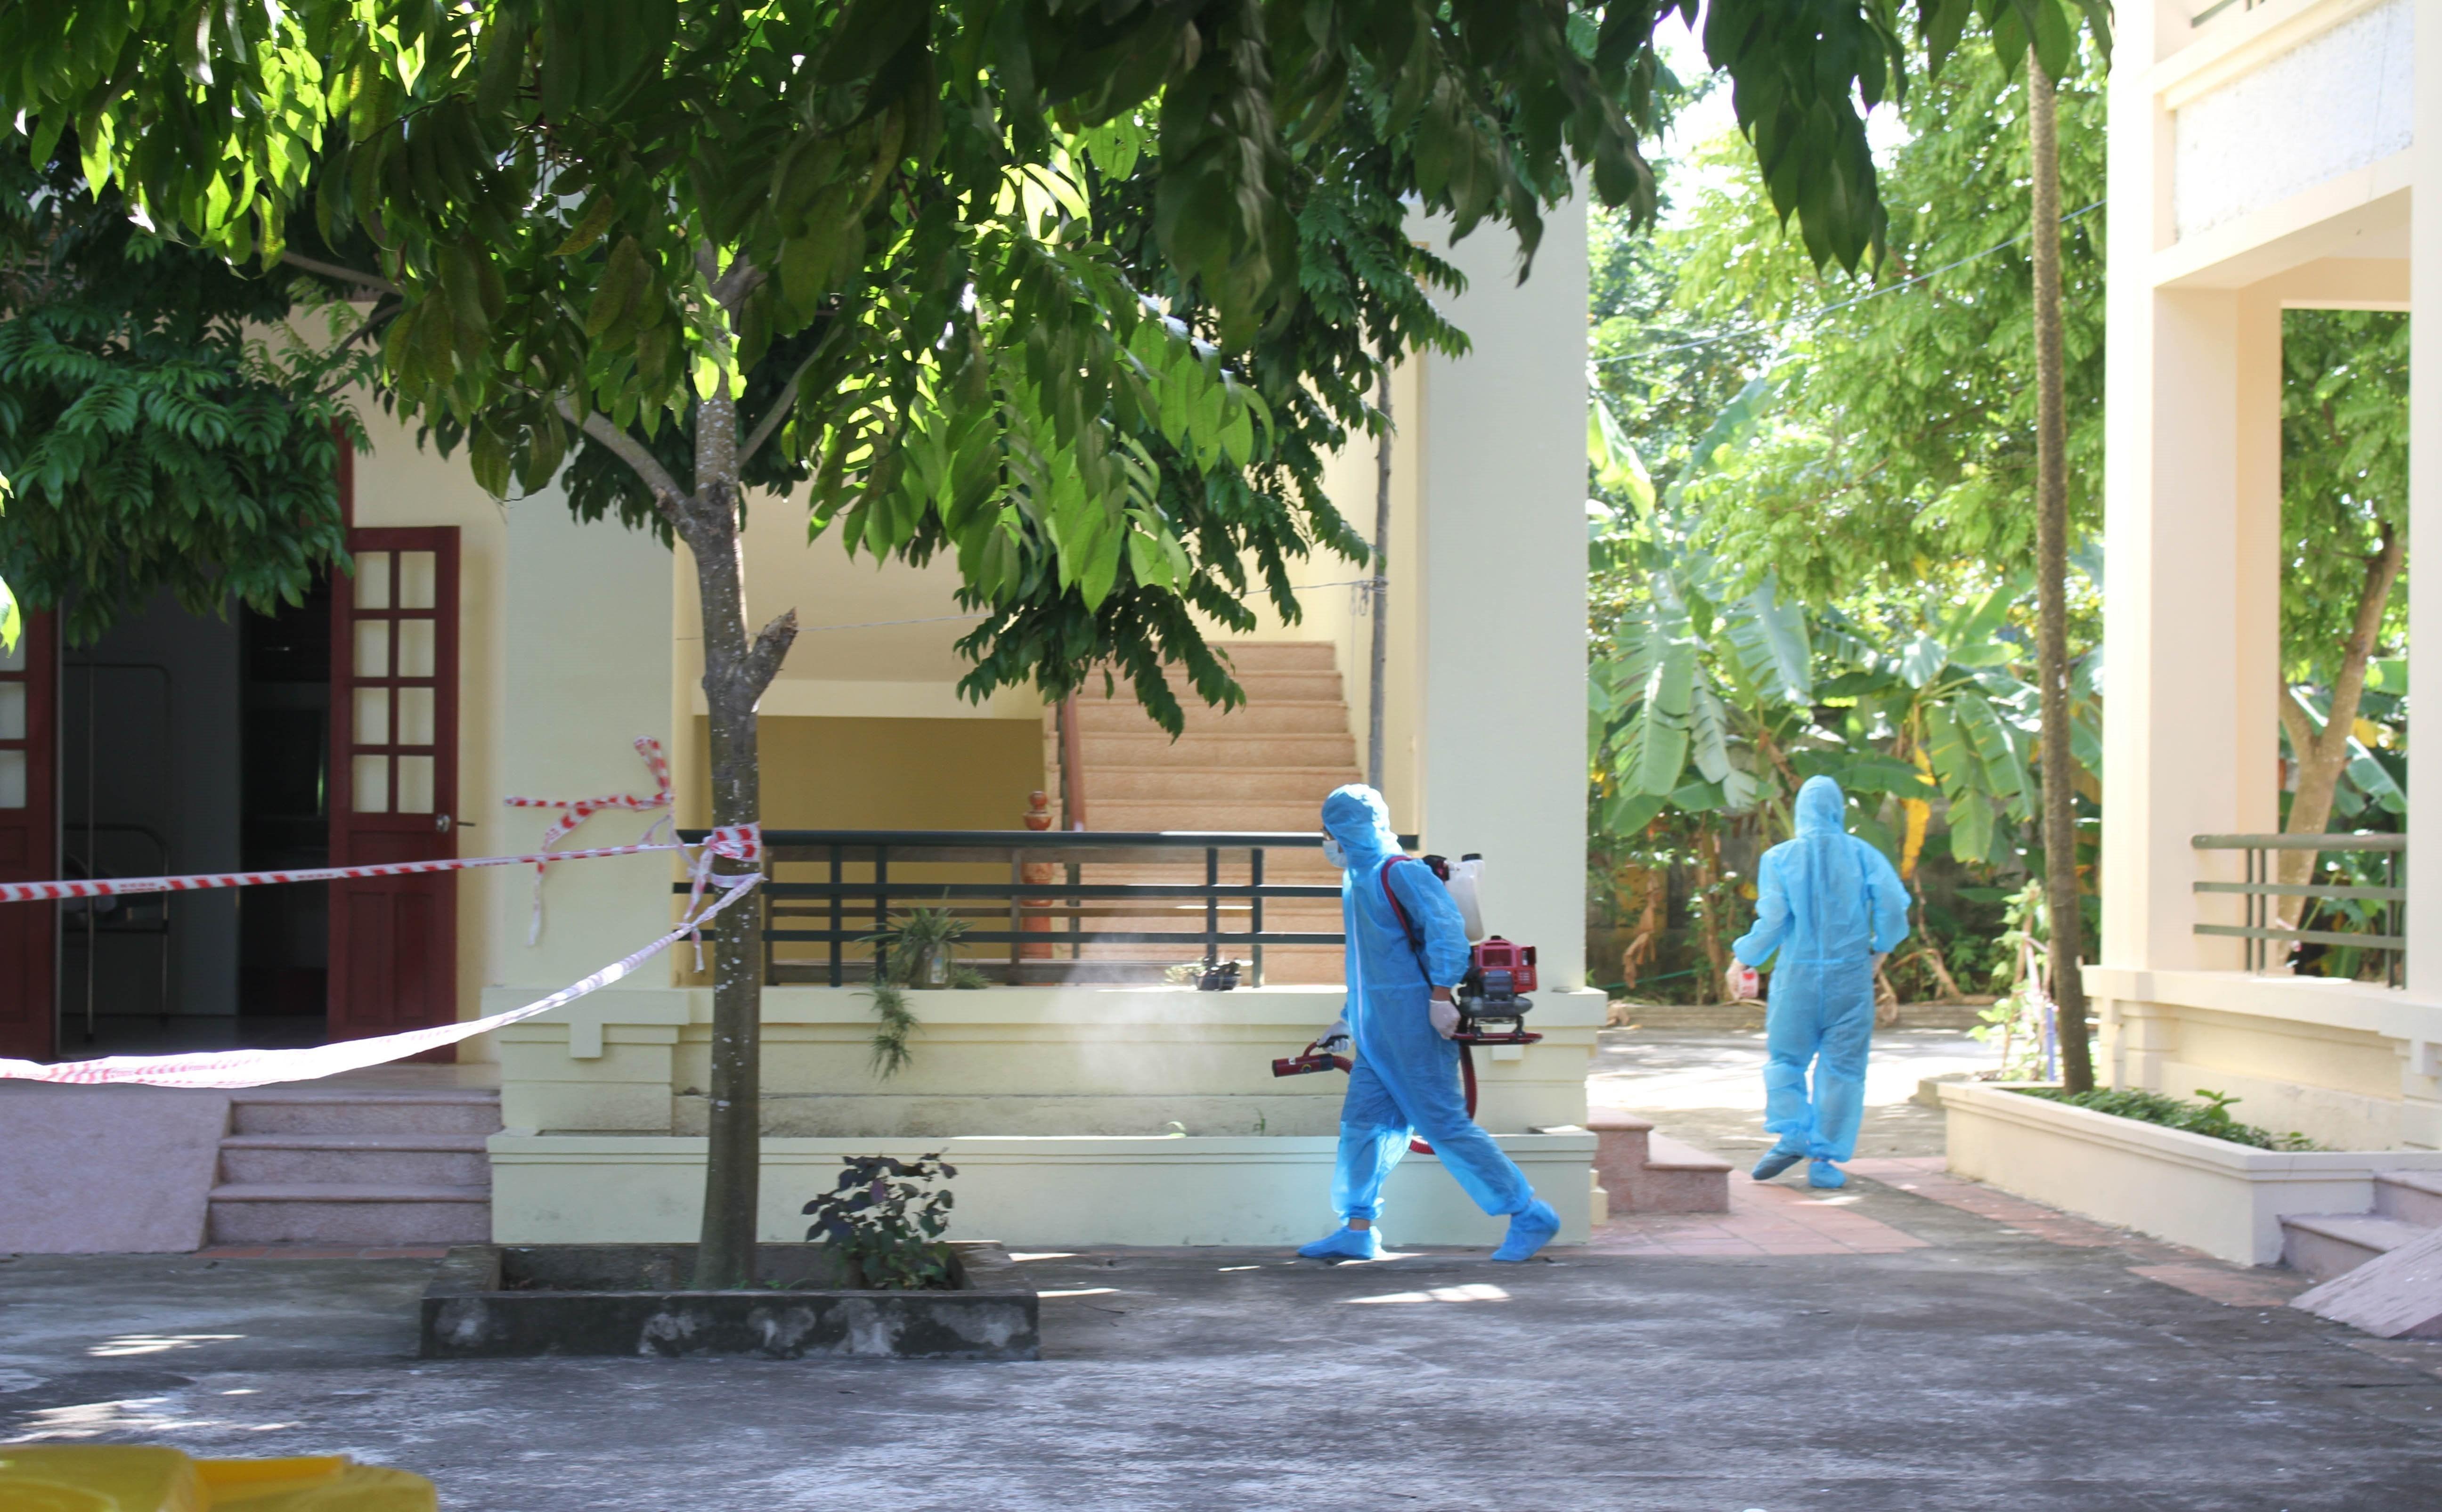 Cơ sở y tế tuyến huyện tại Ninh Bình tiếp nhận, điều trị thêm 4 trường hợp mắc COVID-19